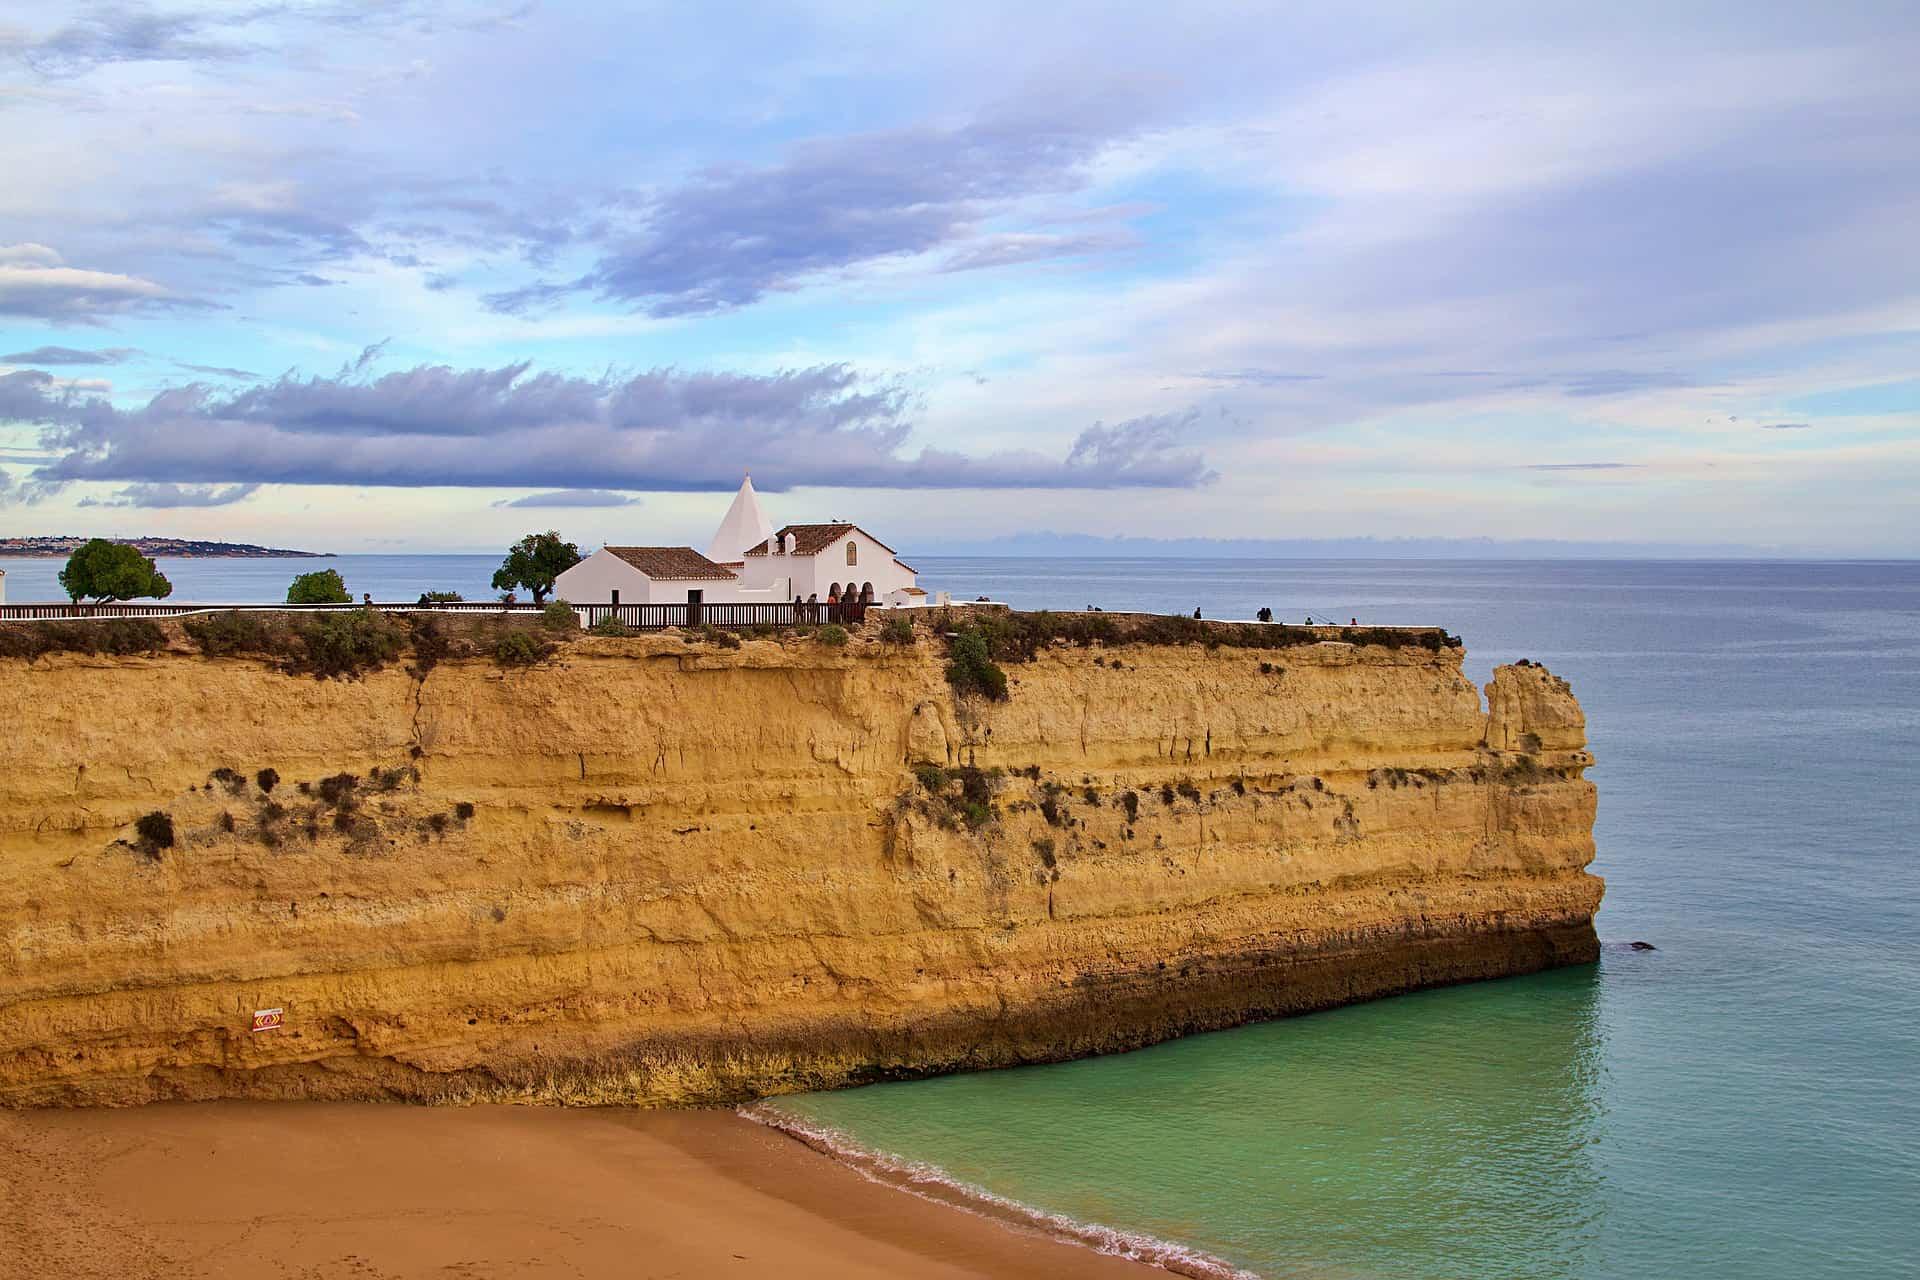 Algarve Urlaub - Albufeira hat meiner Meinung nach die schönsten Buchten in Portugal